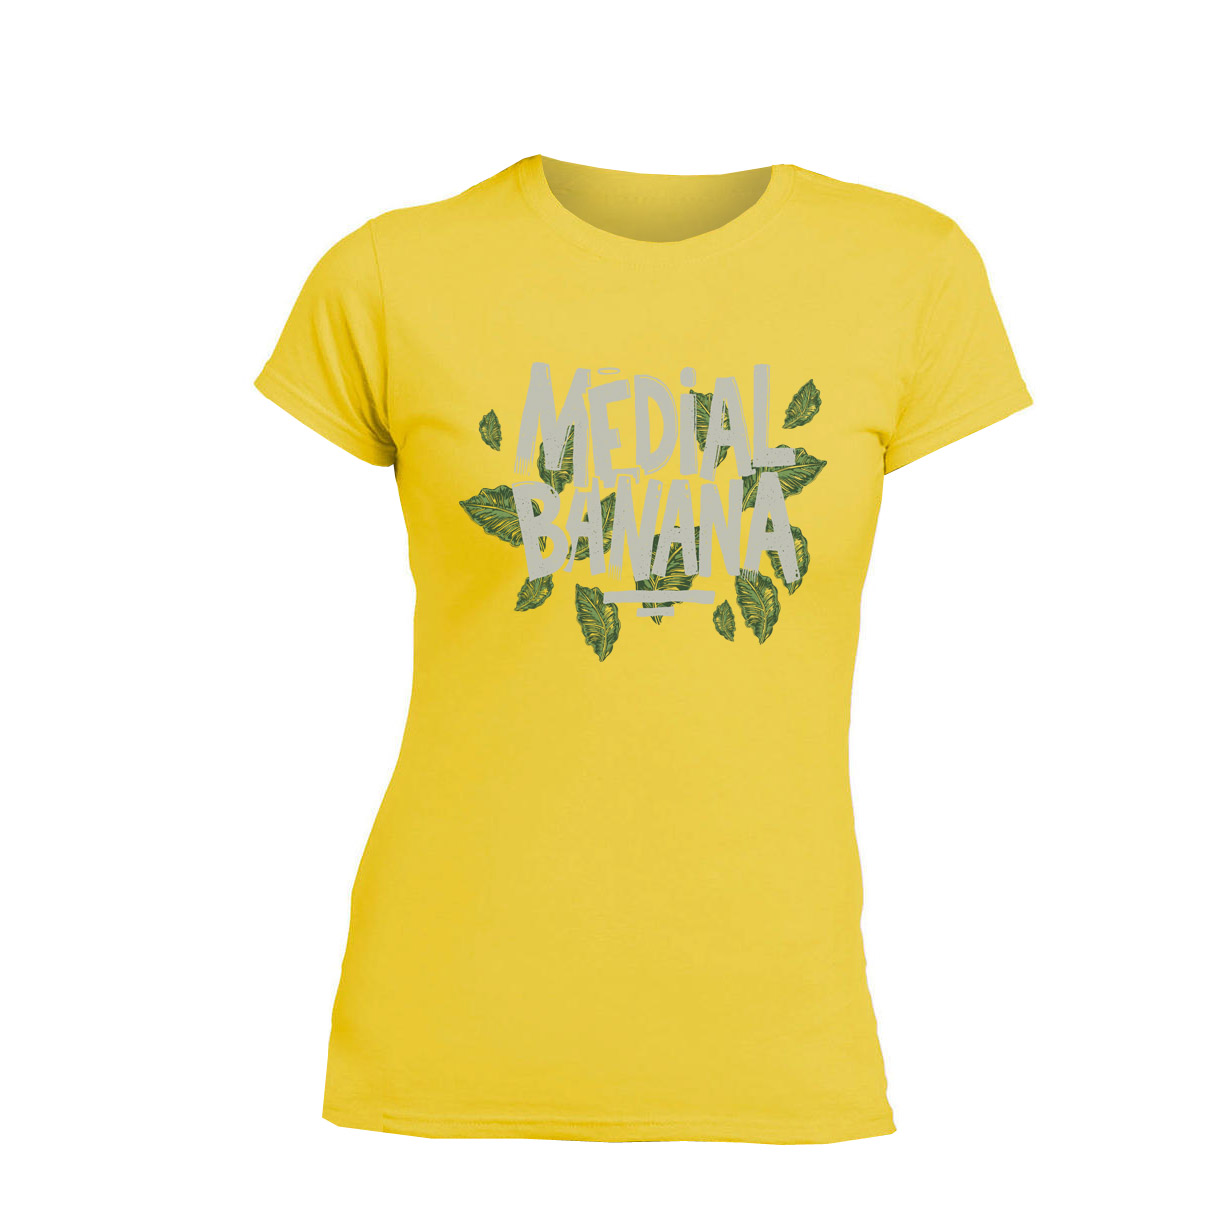 Medial Banana - Tričko Leafy - Žena, Žltá, M